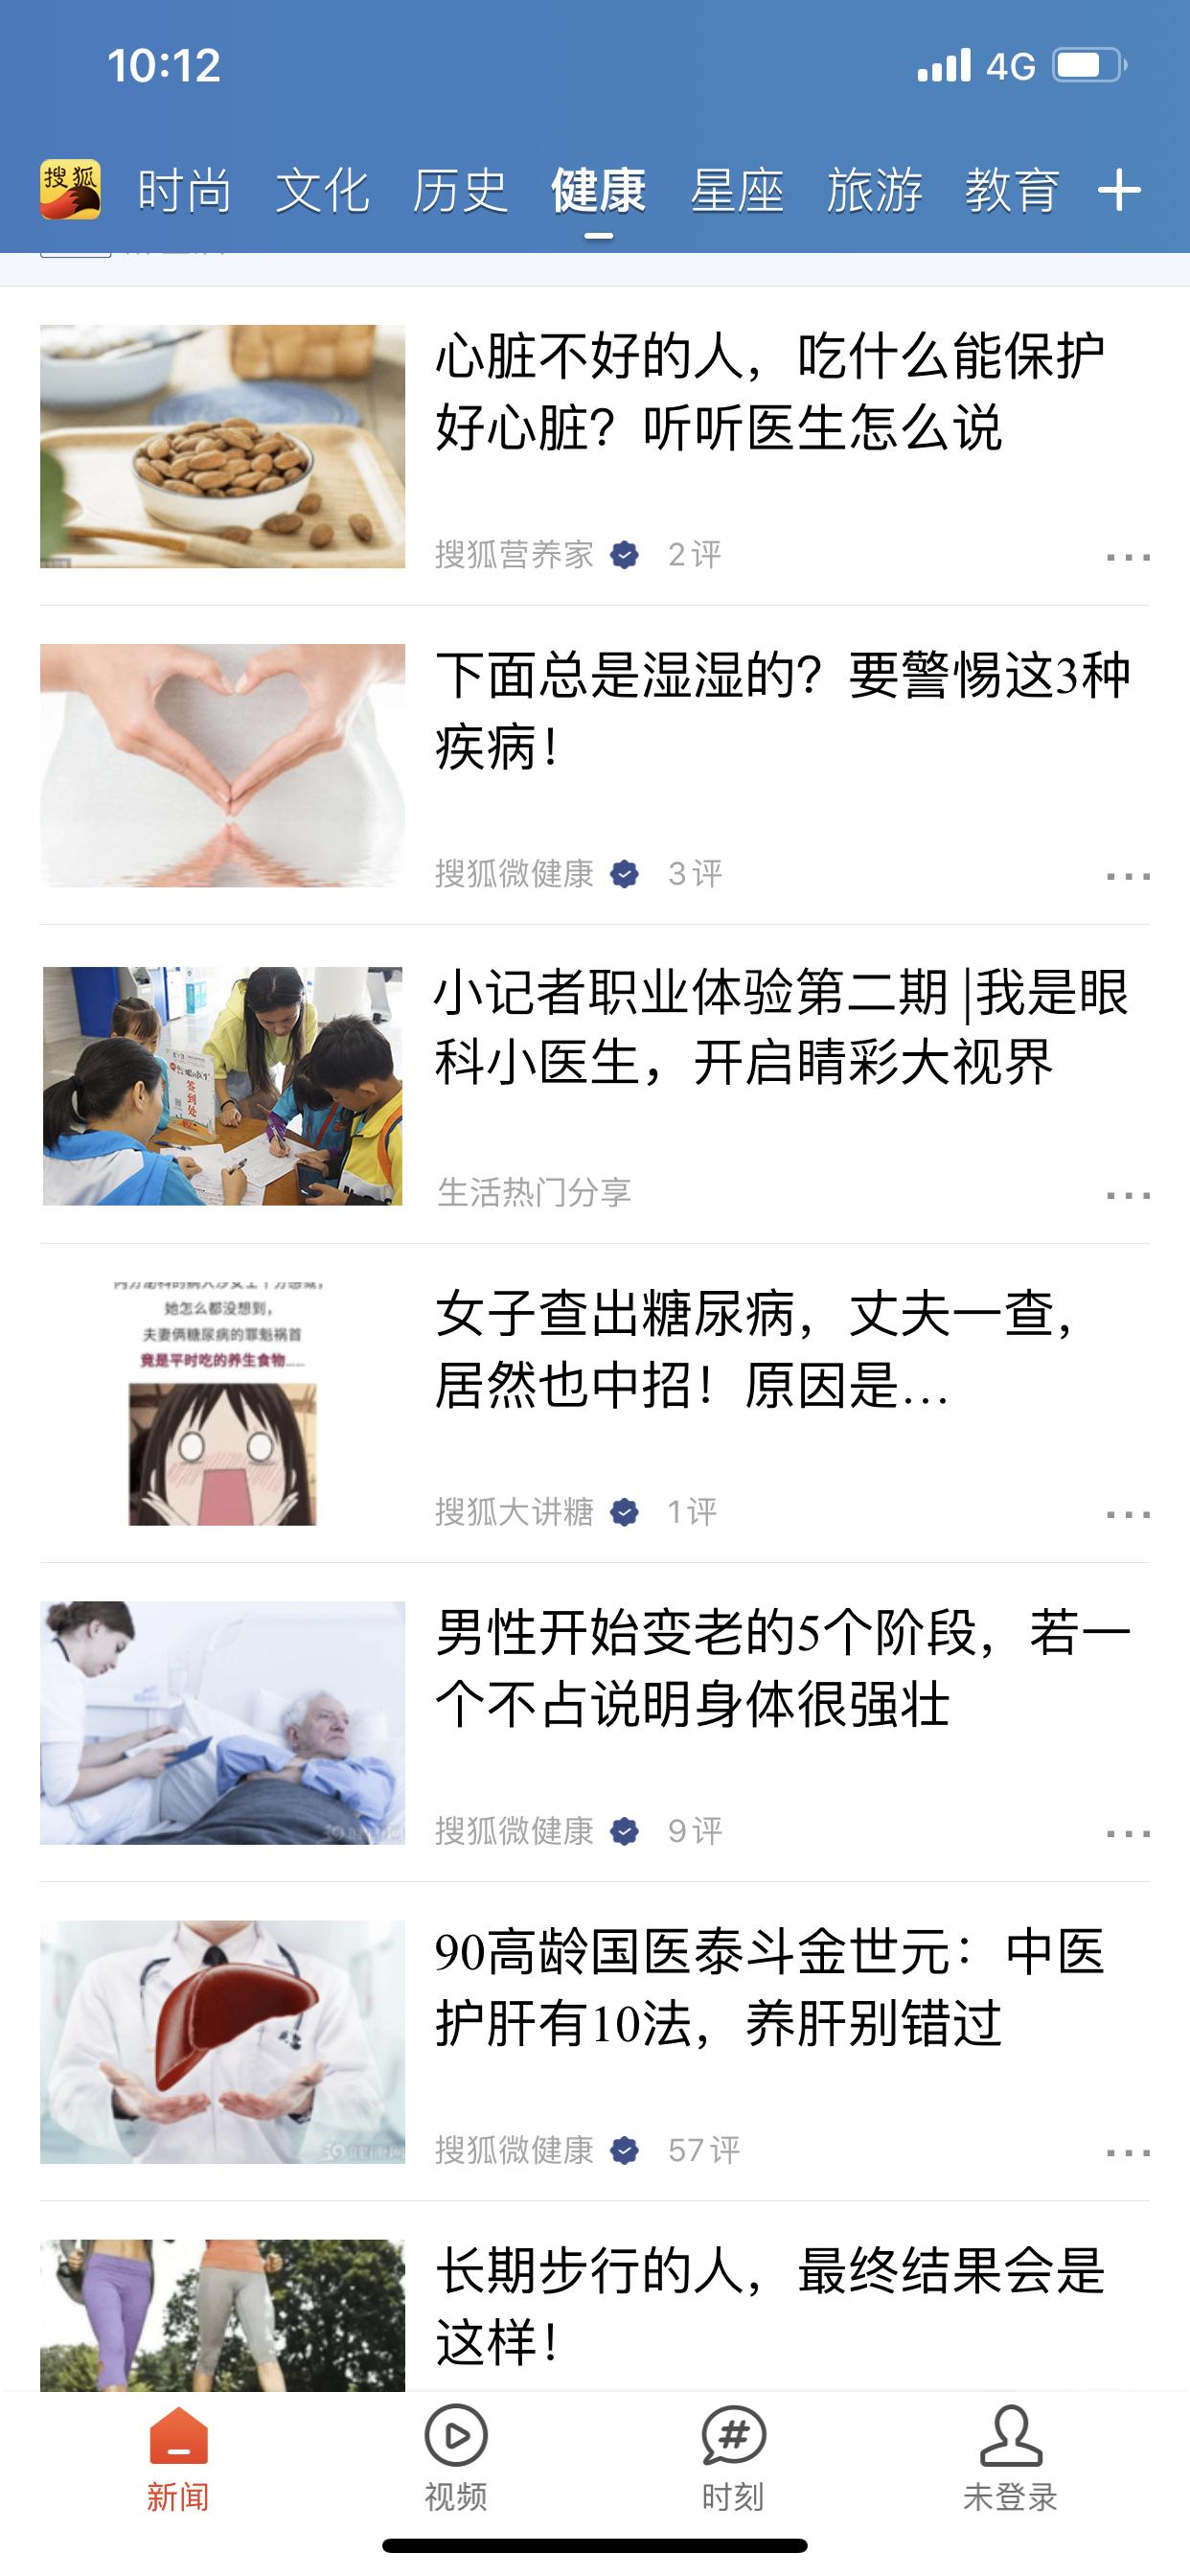 29.搜狐-生活热门分享首页推荐11.22.jpg